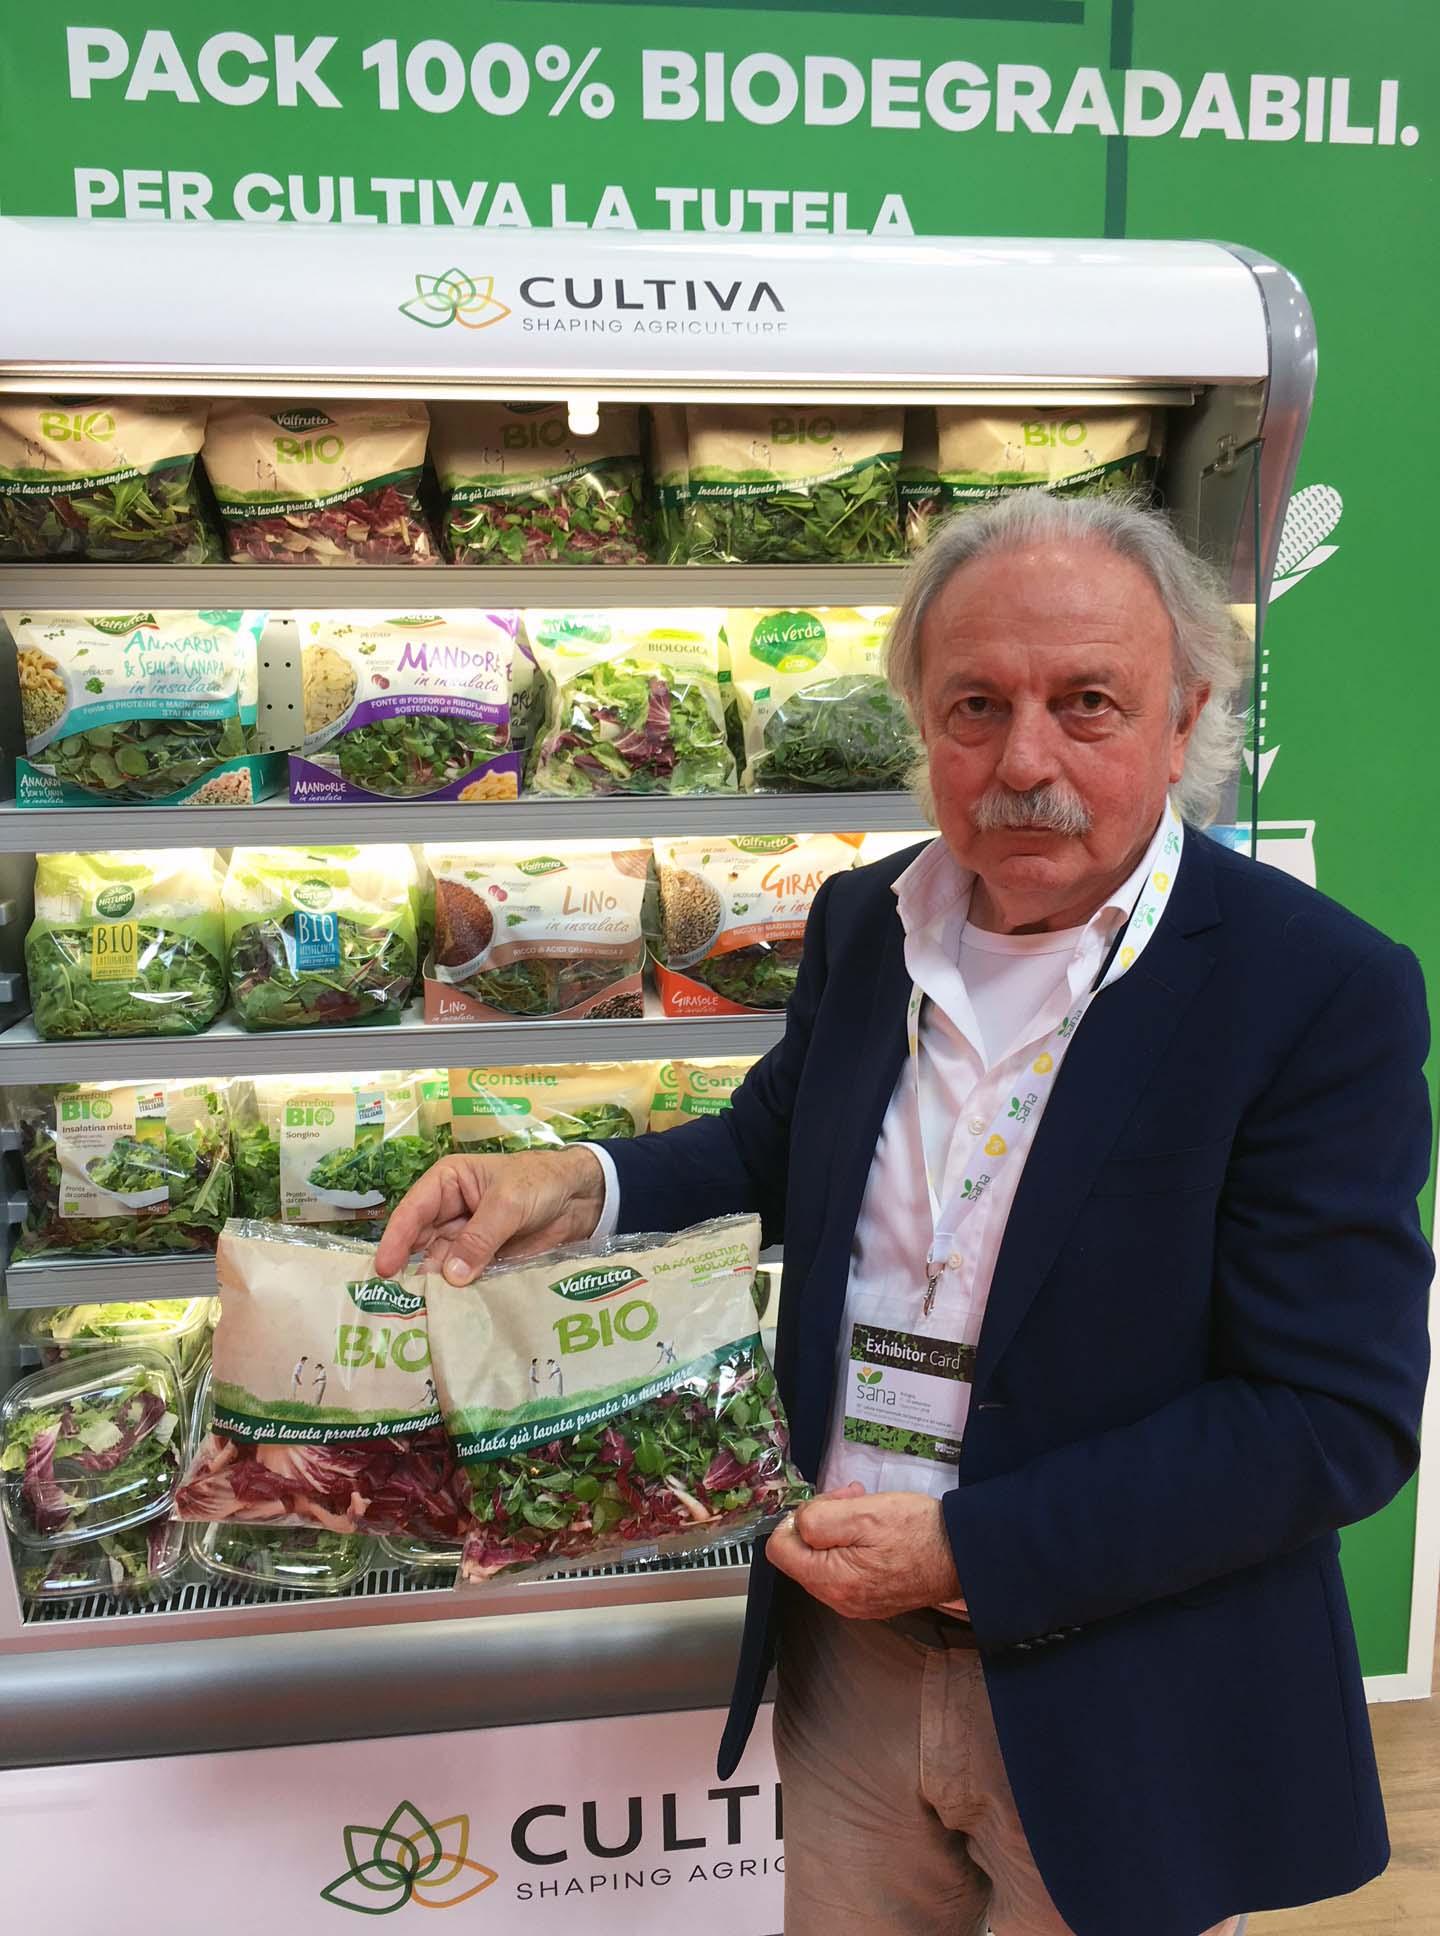 Giancarlo-Boscolo-Cultiva-Fm